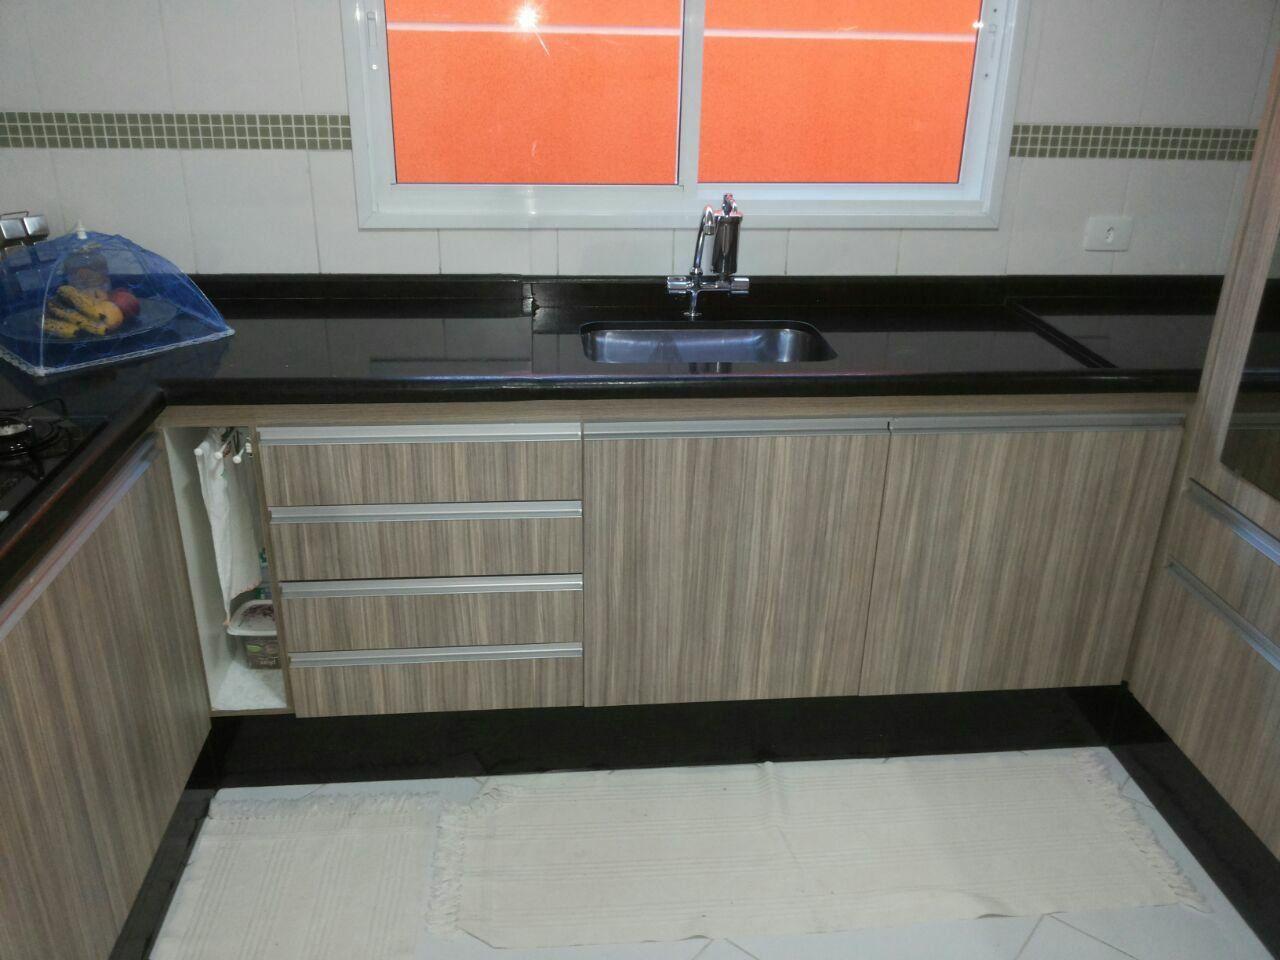 Cozinha Planejada Pequena Apartamento Cozinha Planejada Em Mdf